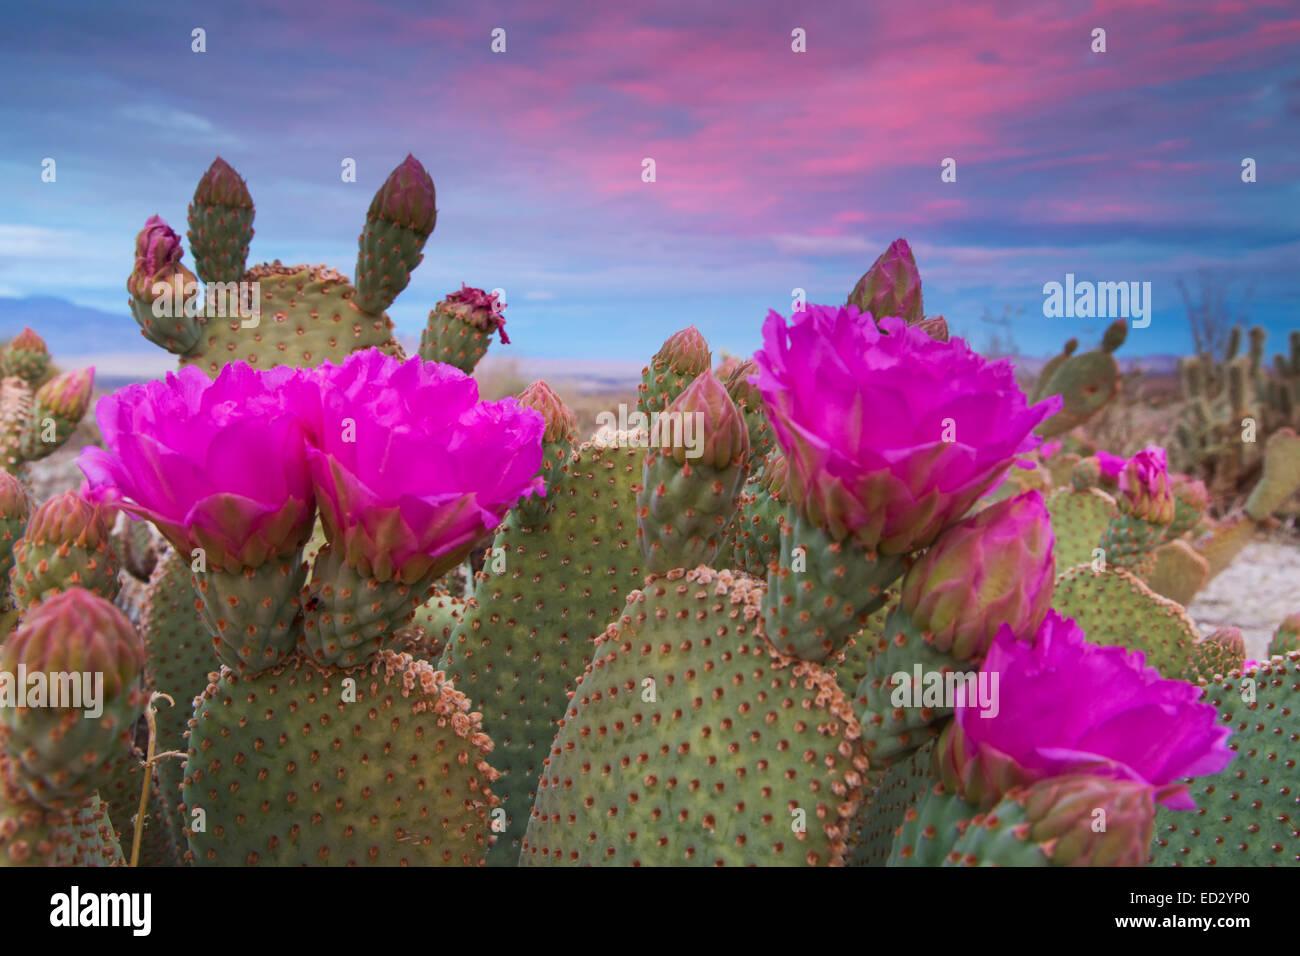 Coda di castoro Cactus in Bloom, Anza-Borrego Desert State Park, California. Immagini Stock